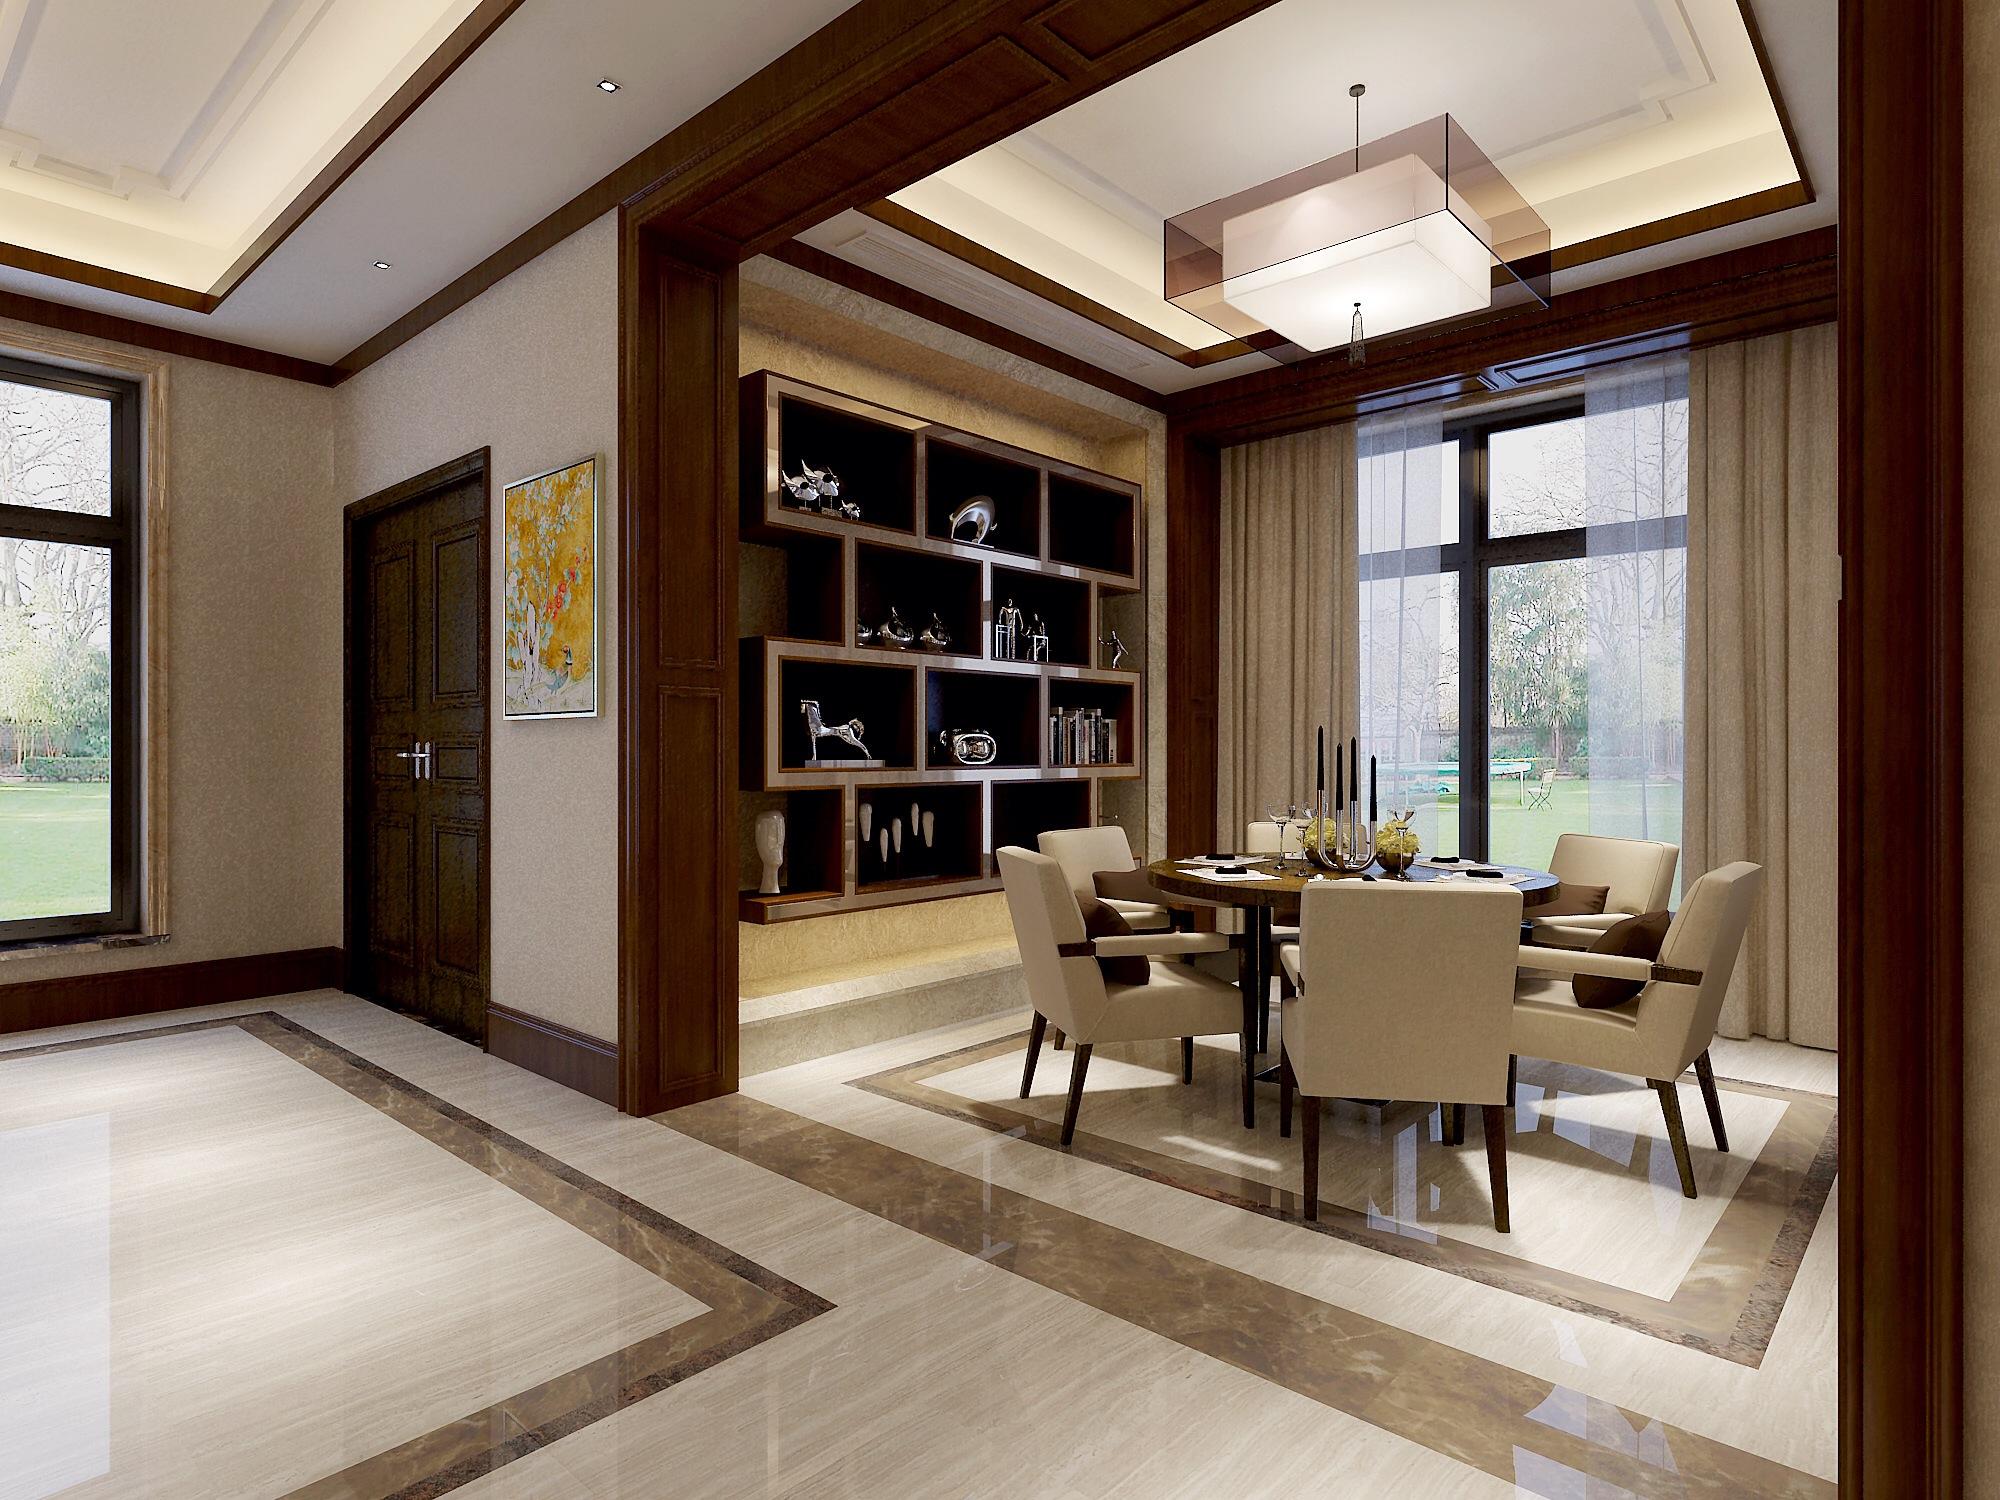 三居 别墅 餐厅图片来自武汉生活家在新中式风格的分享